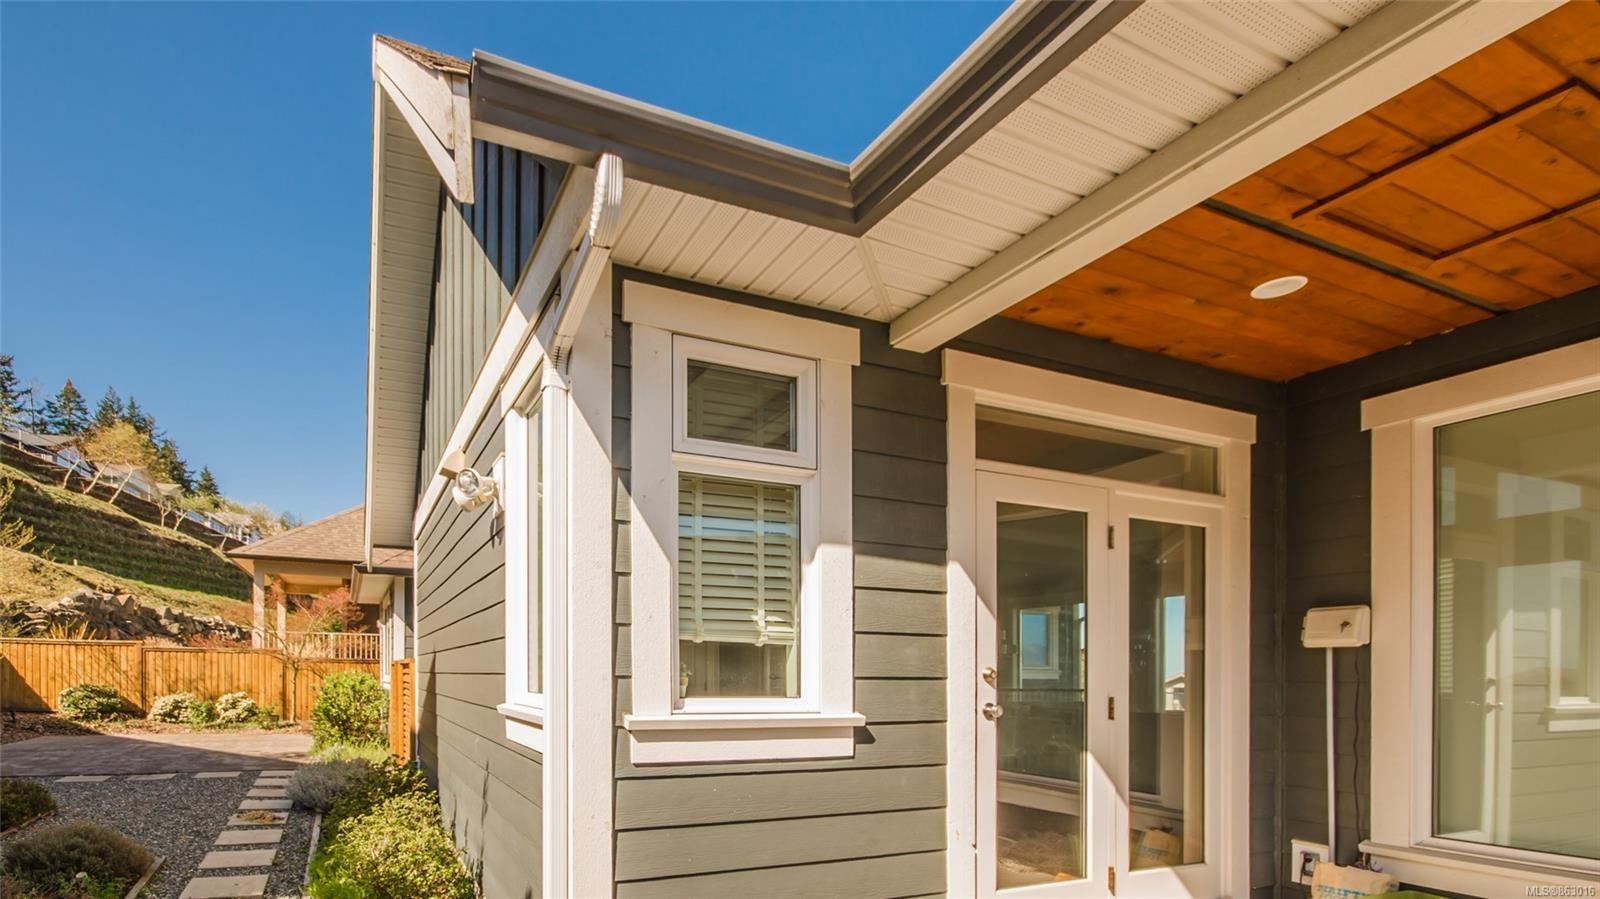 Photo 39: Photos: 5361 Laguna Way in : Na North Nanaimo House for sale (Nanaimo)  : MLS®# 863016